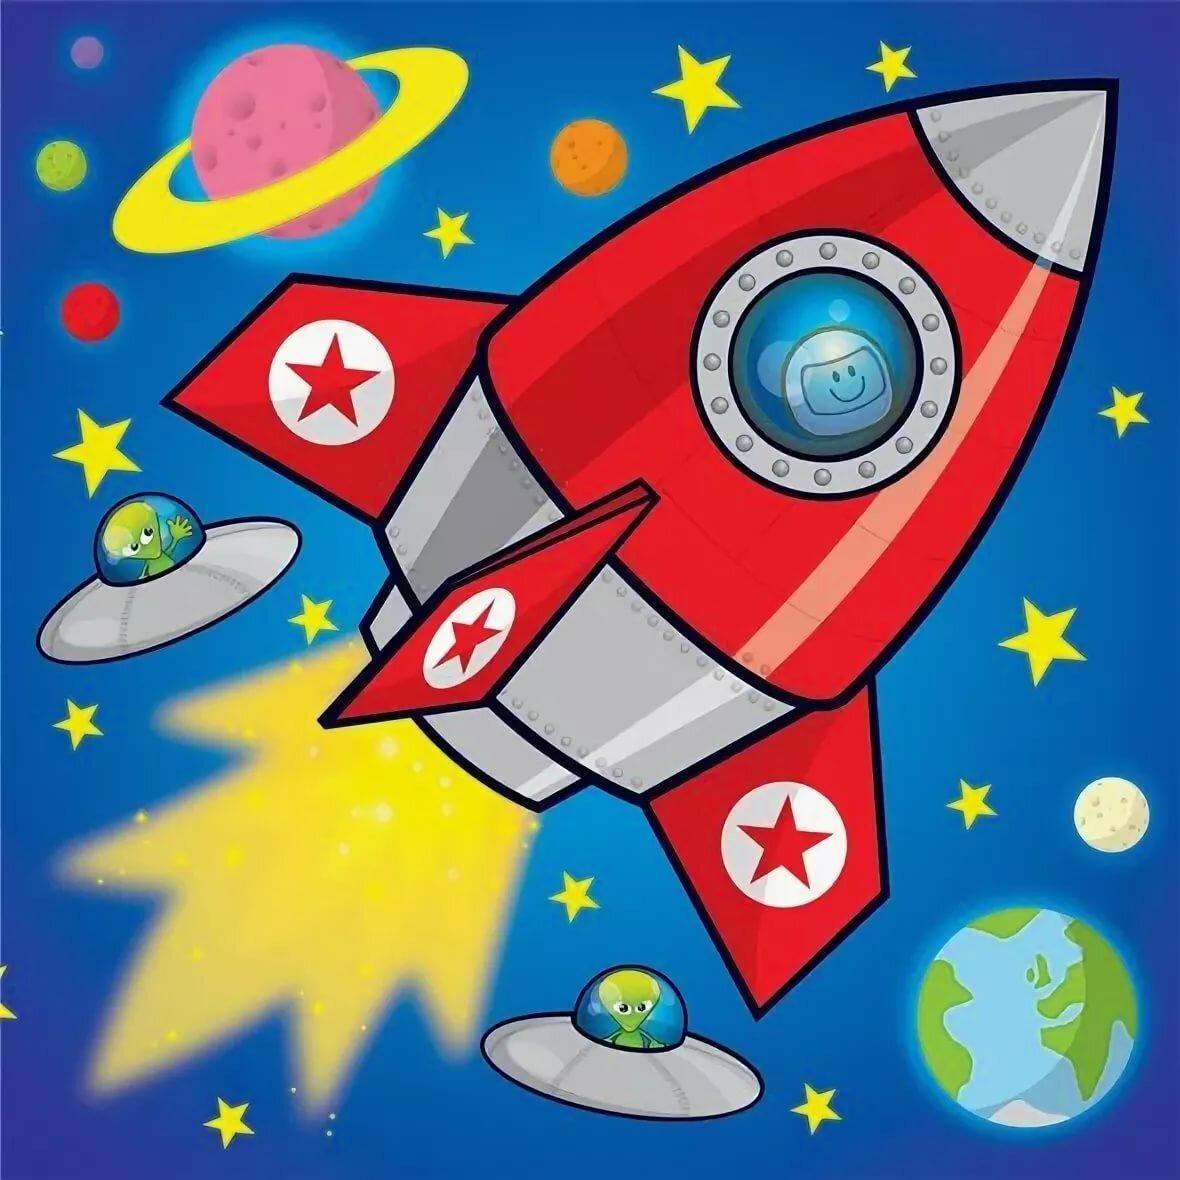 Открытки ко дню космонавтики для школьников, тортов юбилеем лет